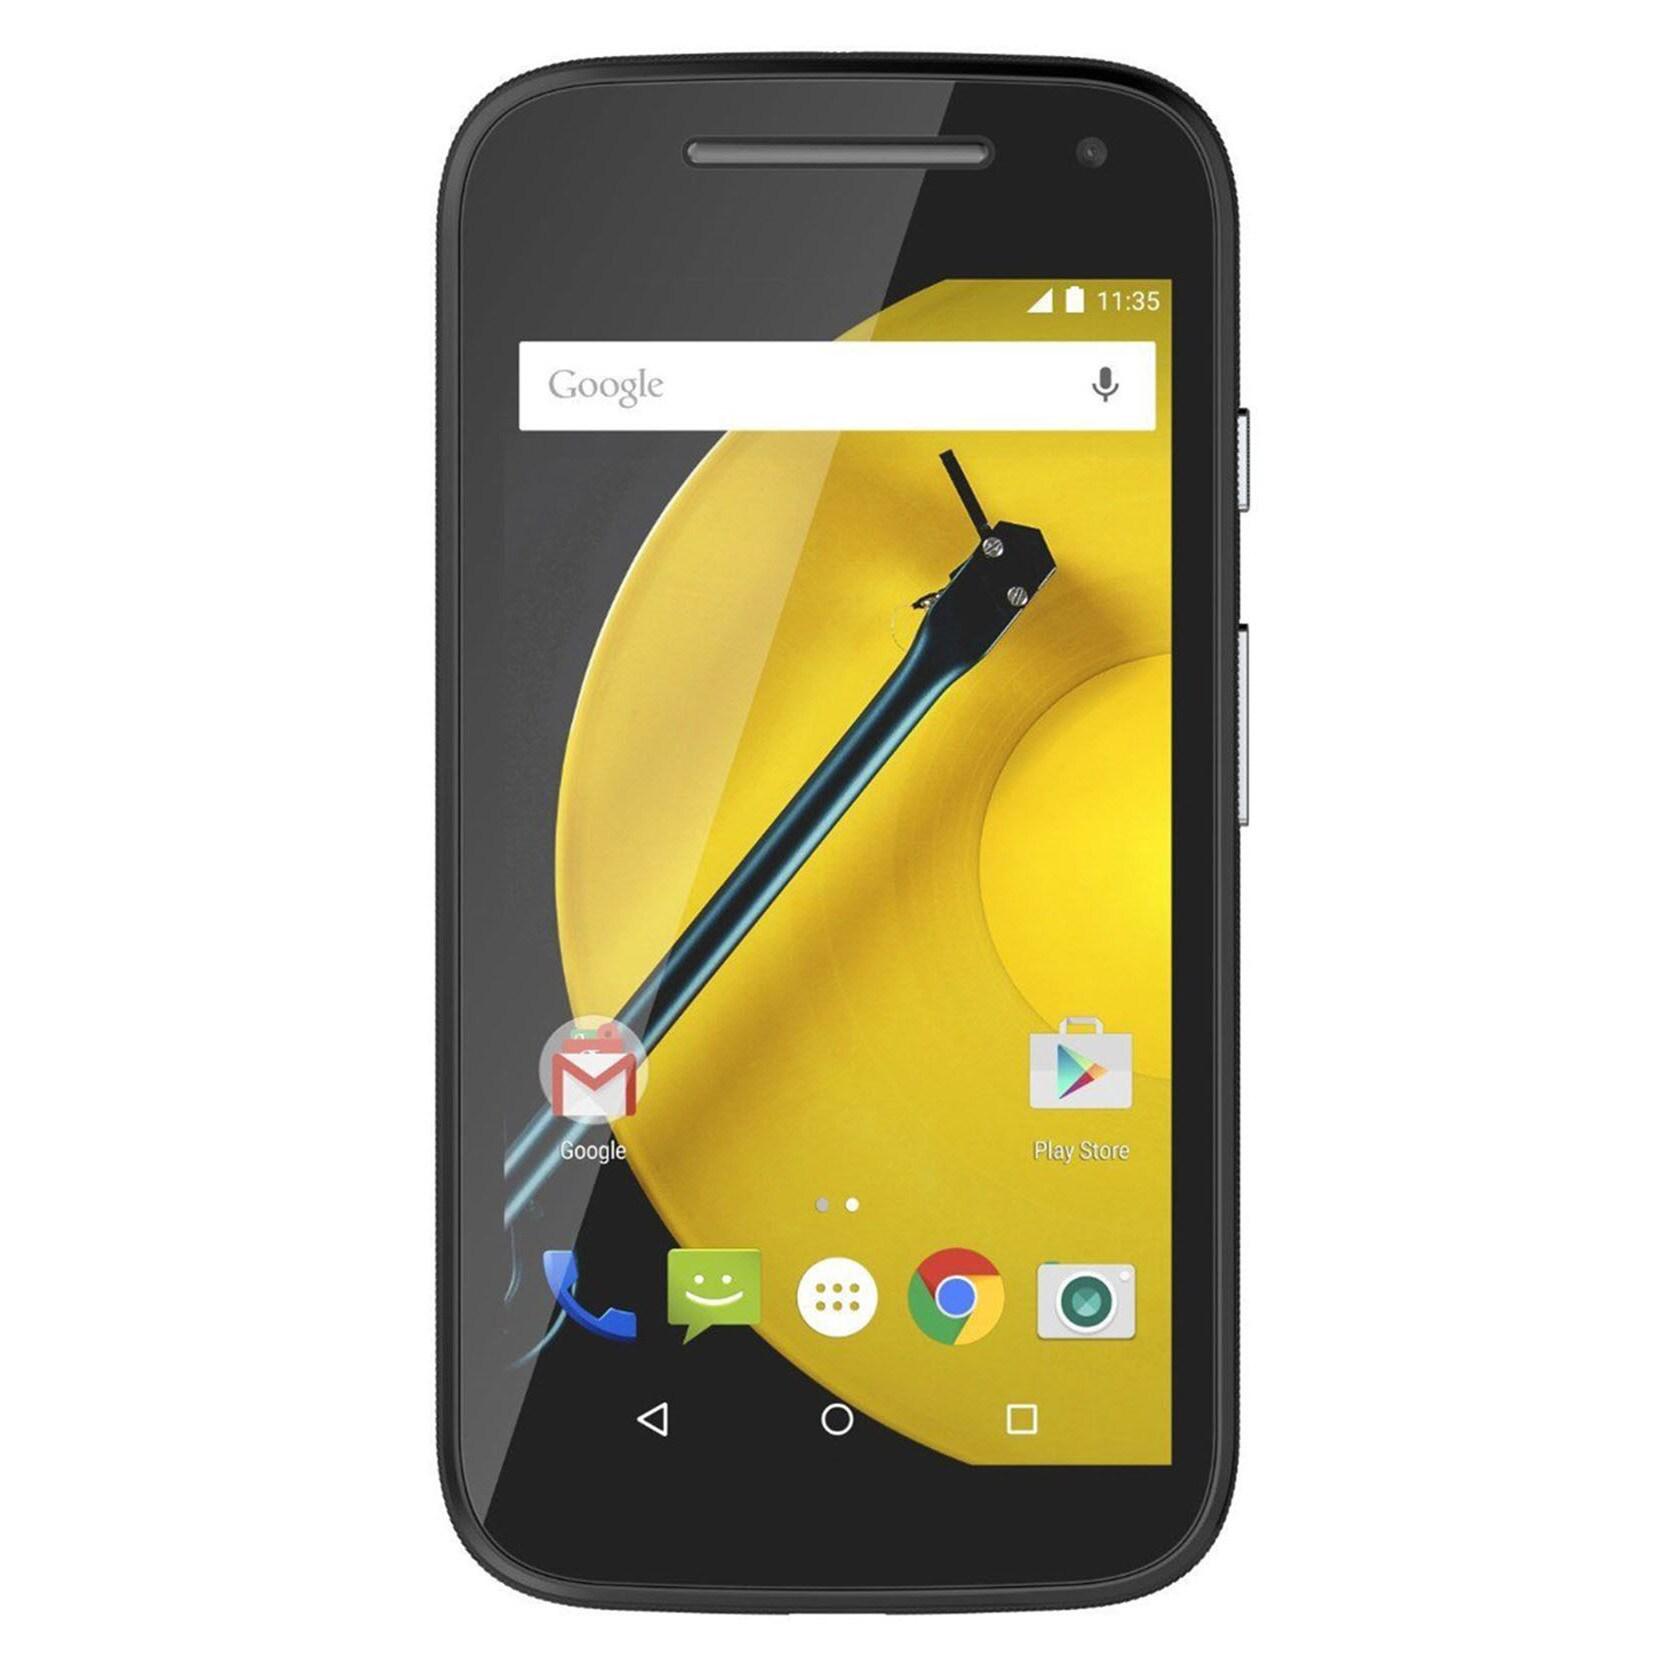 Motorola E XT1527 At&t Android v5.1 Phone - Black (Black)